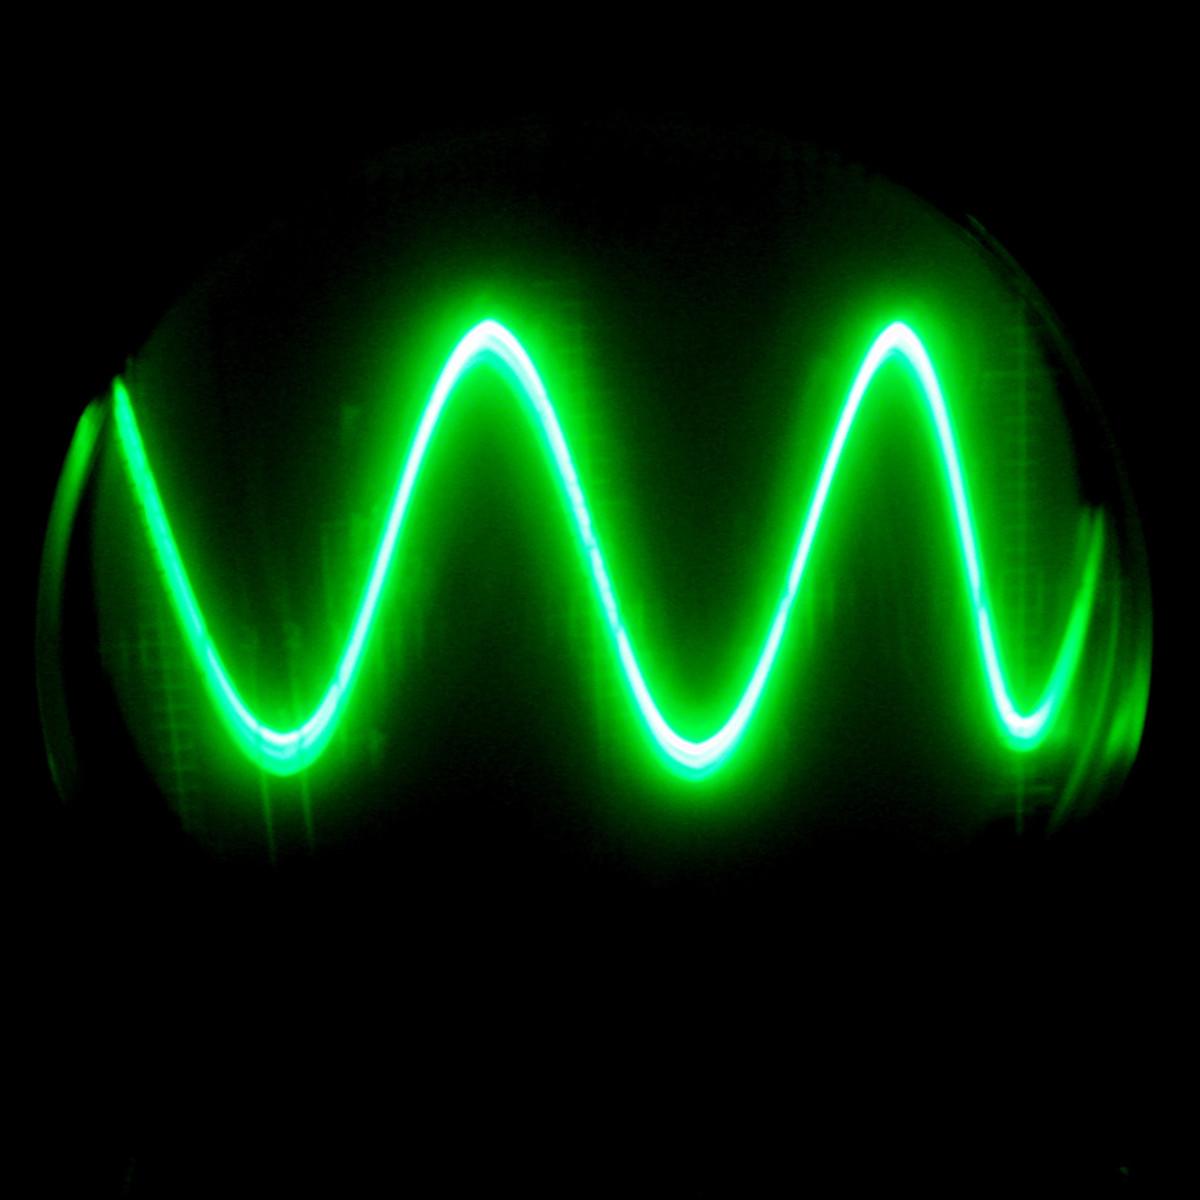 A sine wave from an oscillator.